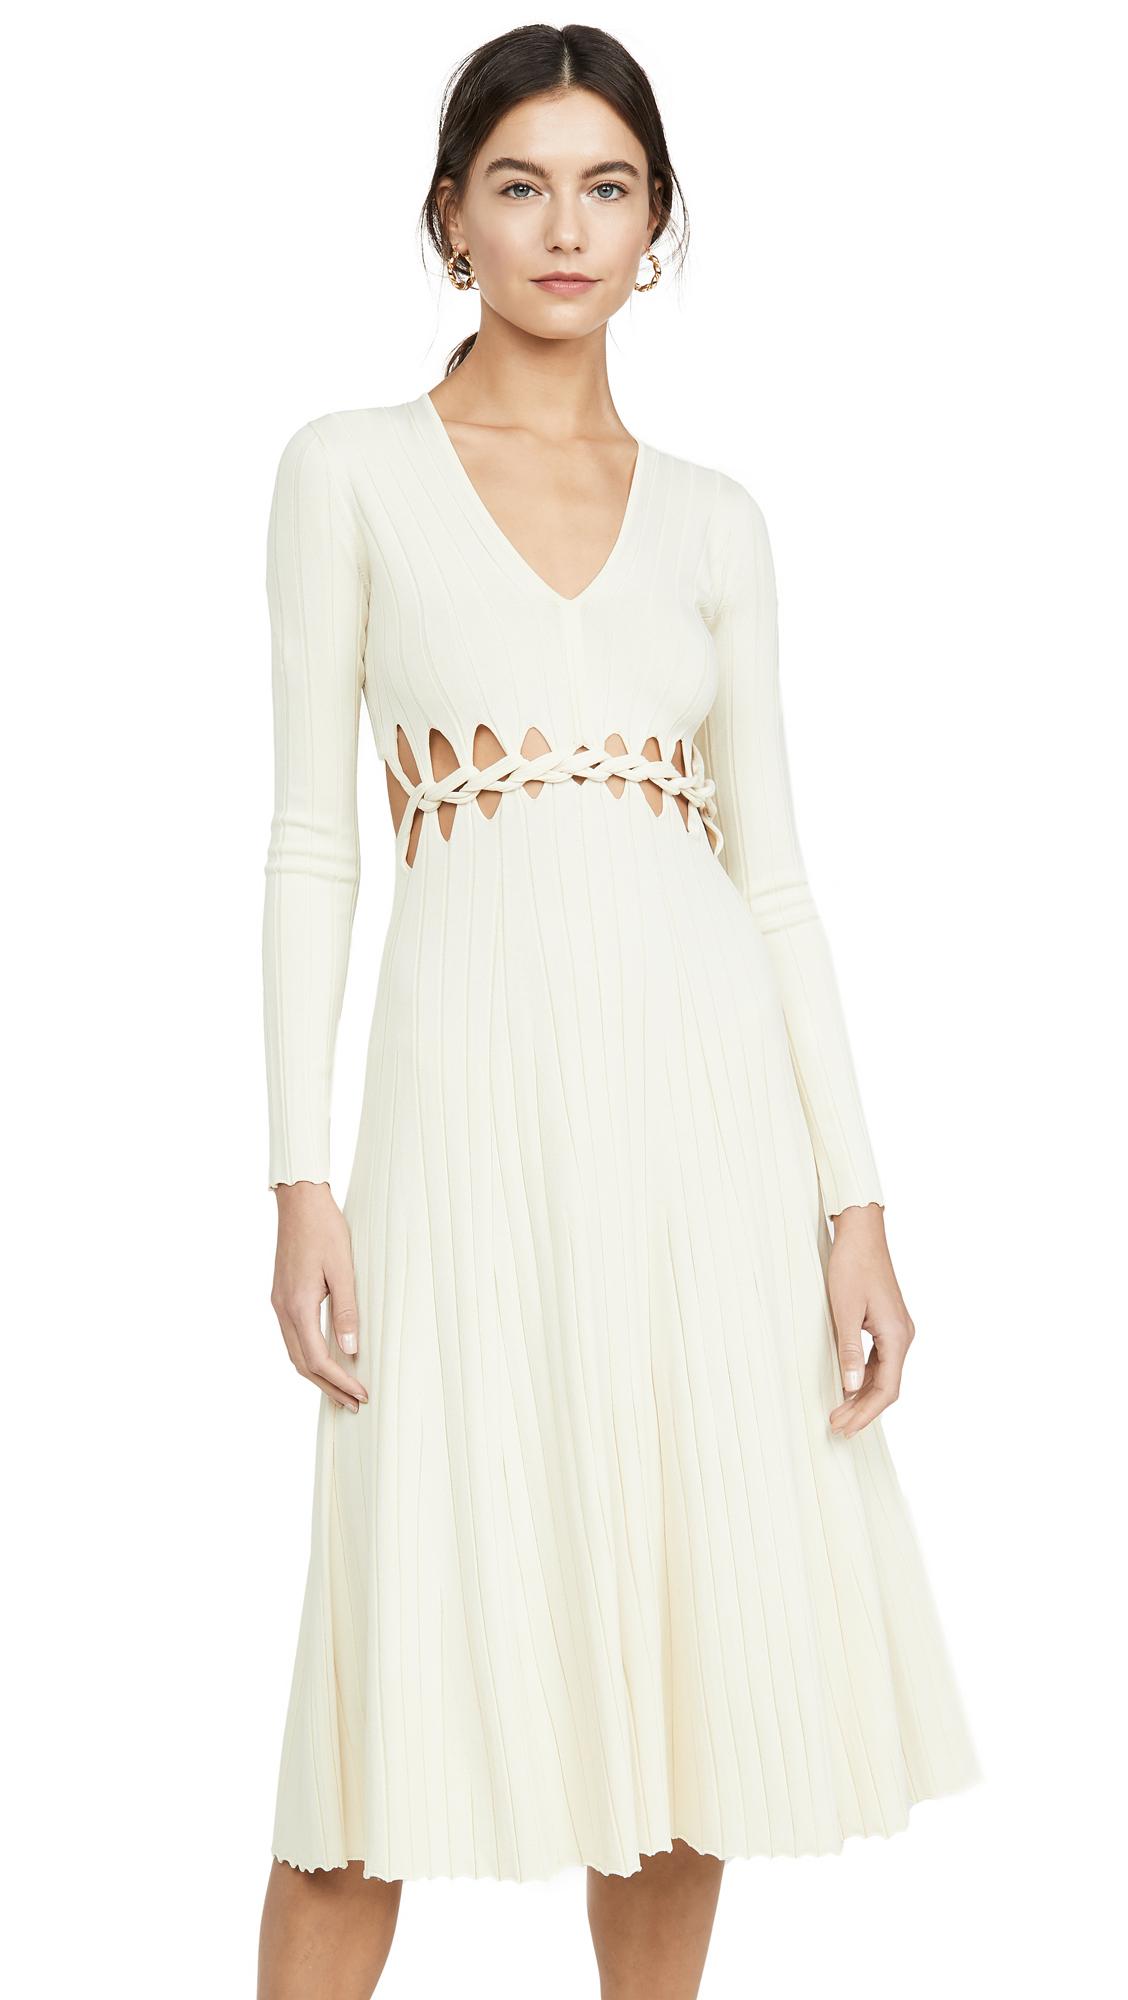 Dion Lee Pinnacle Braid Dress - 40% Off Sale